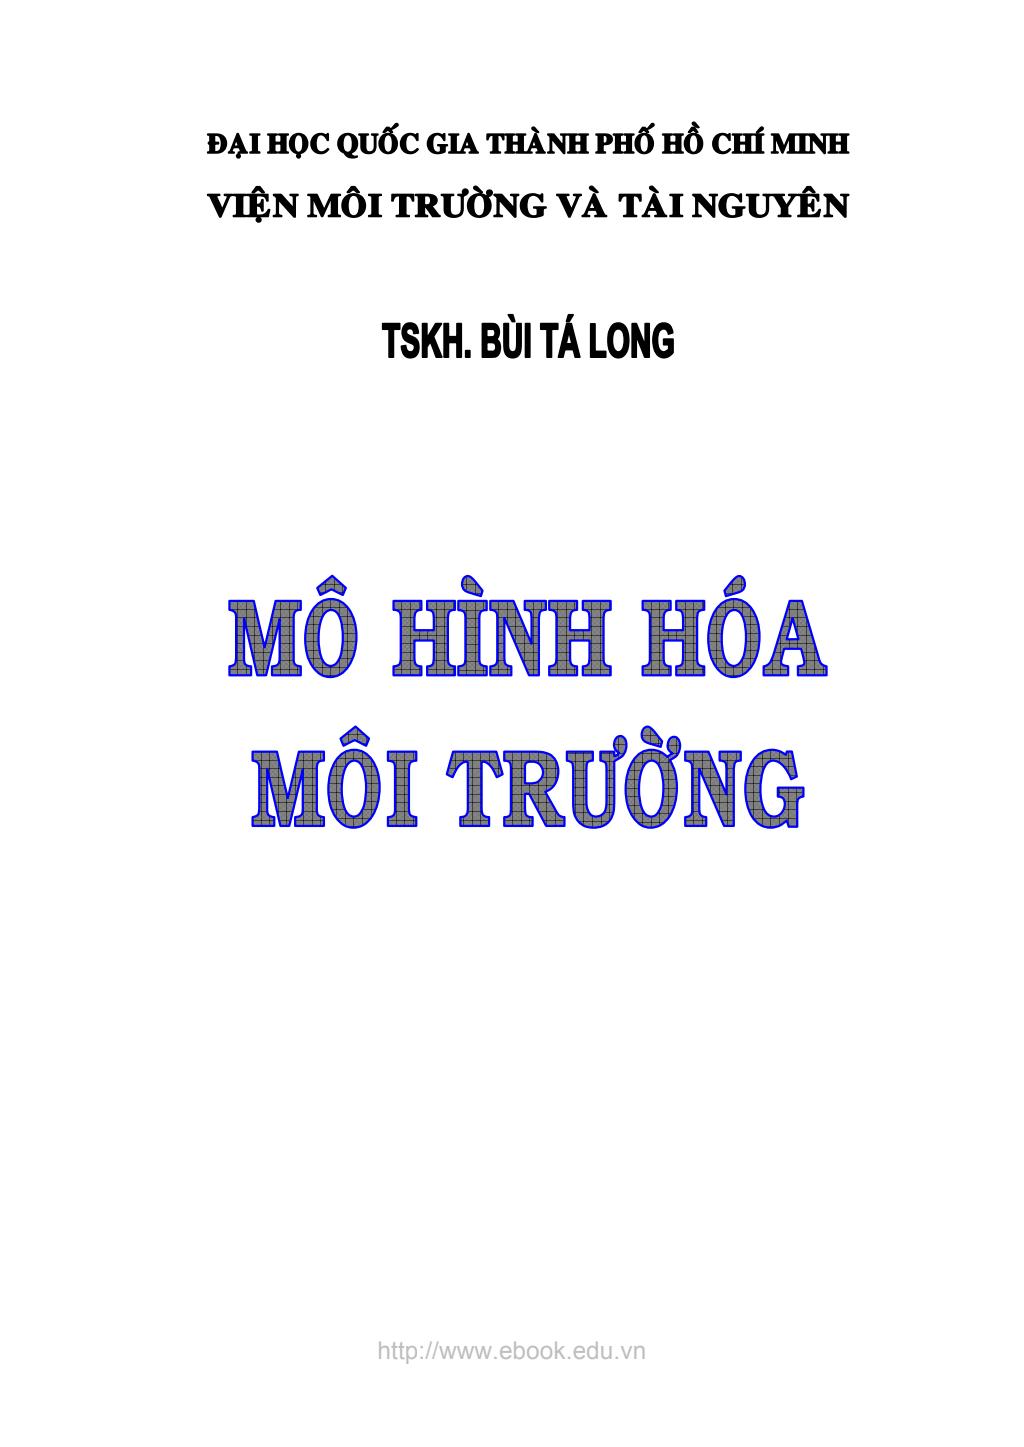 Chia sẻ giáo trình Mô hình hóa môi trường - TSKH: Bùi Tá Long